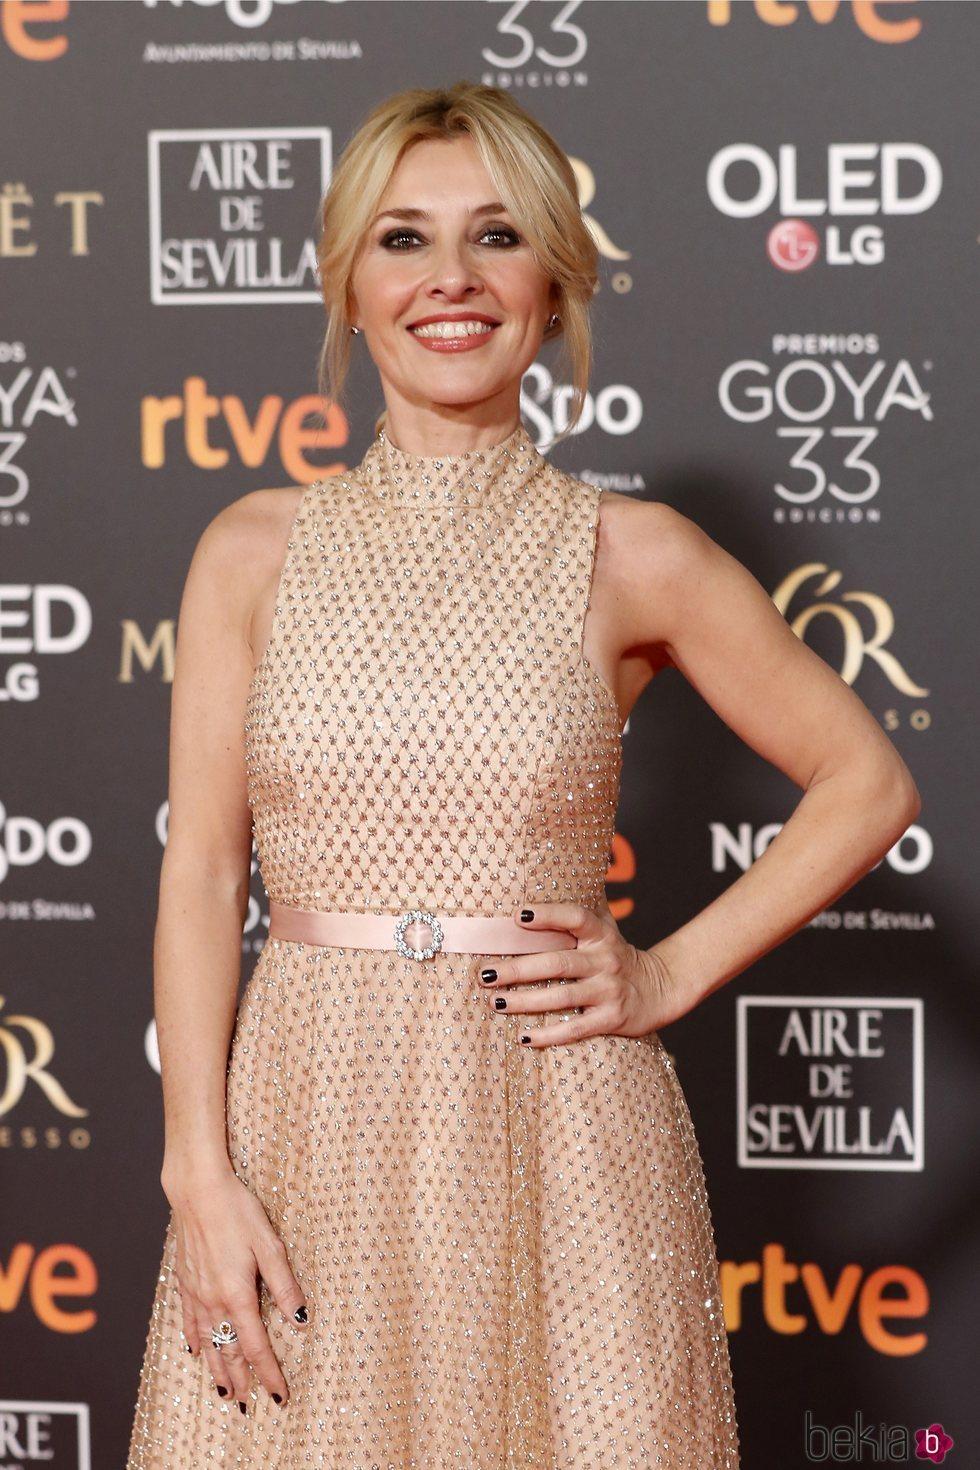 Cayetana Guillén Cuervo en la alfombra roja de los Premios Goya 2019